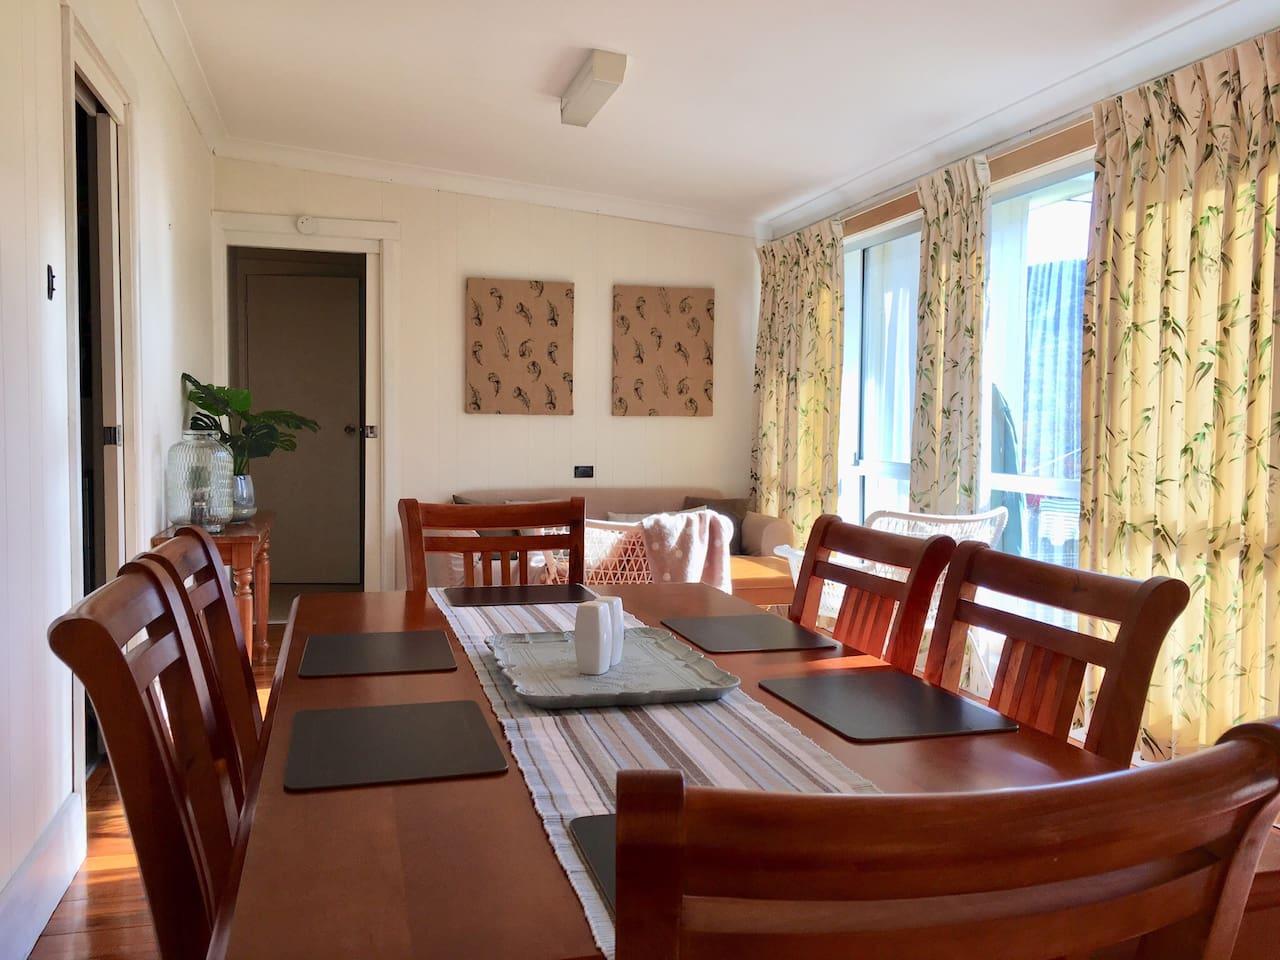 Dining area/sun room.